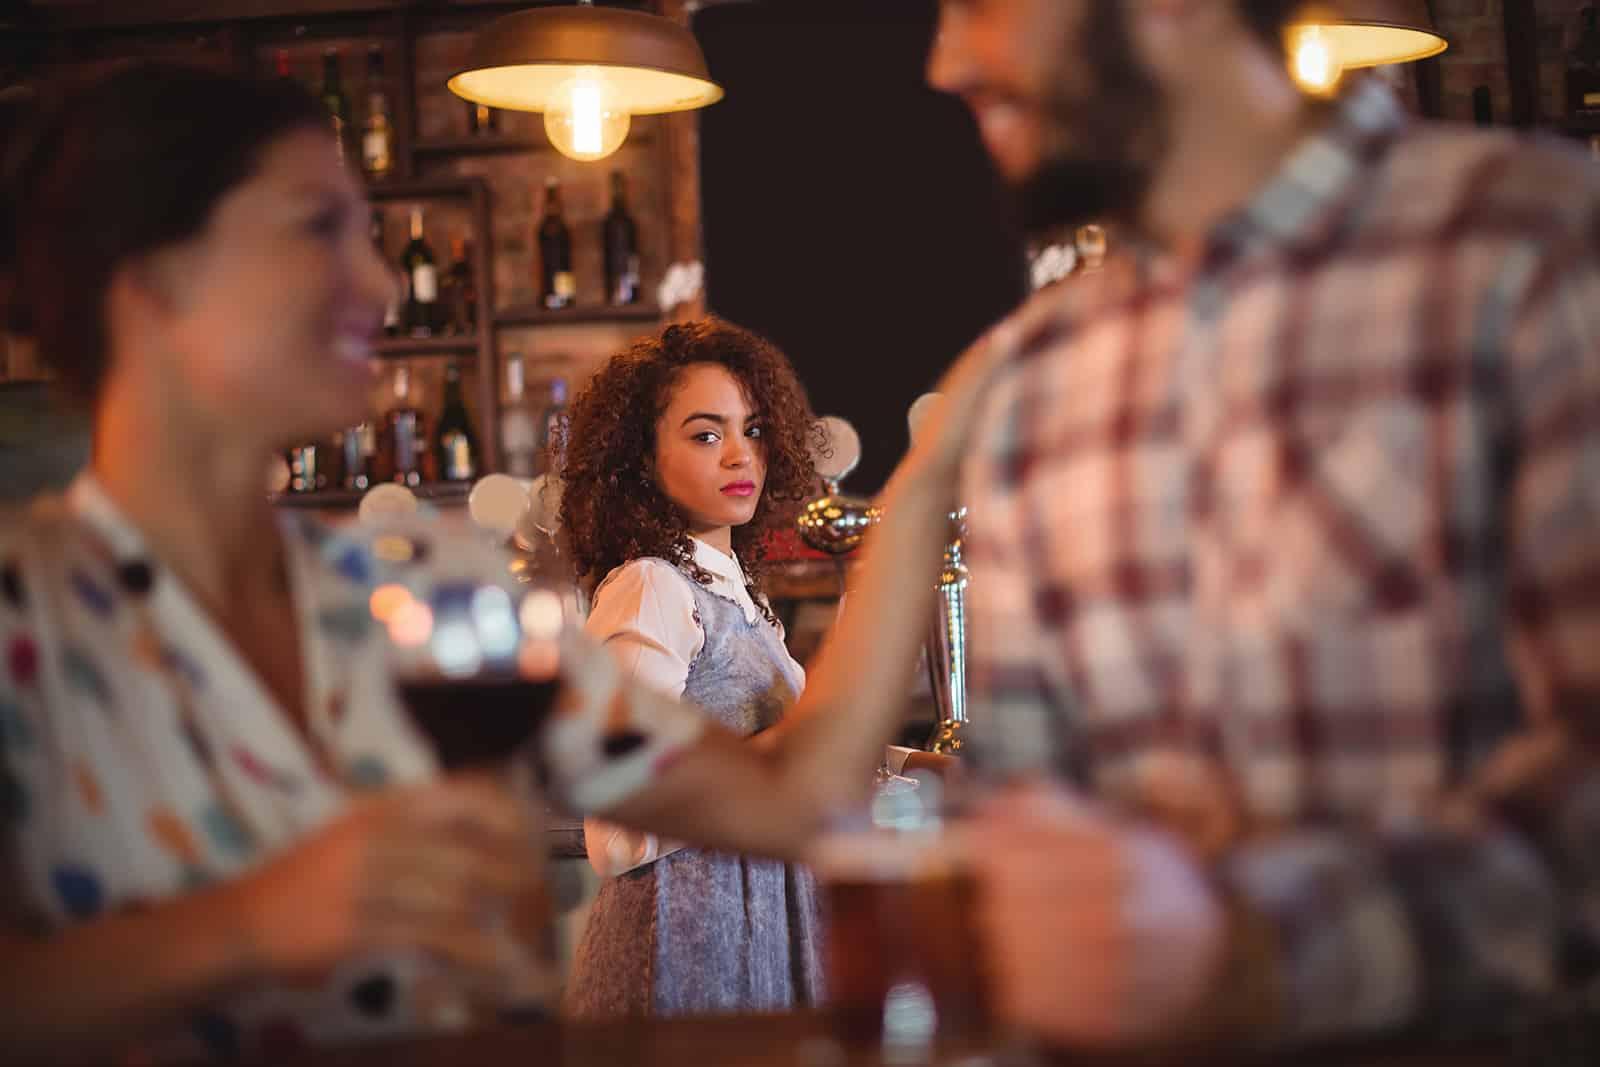 traurige Frau, die ein liebendes Paar in der Bar sucht